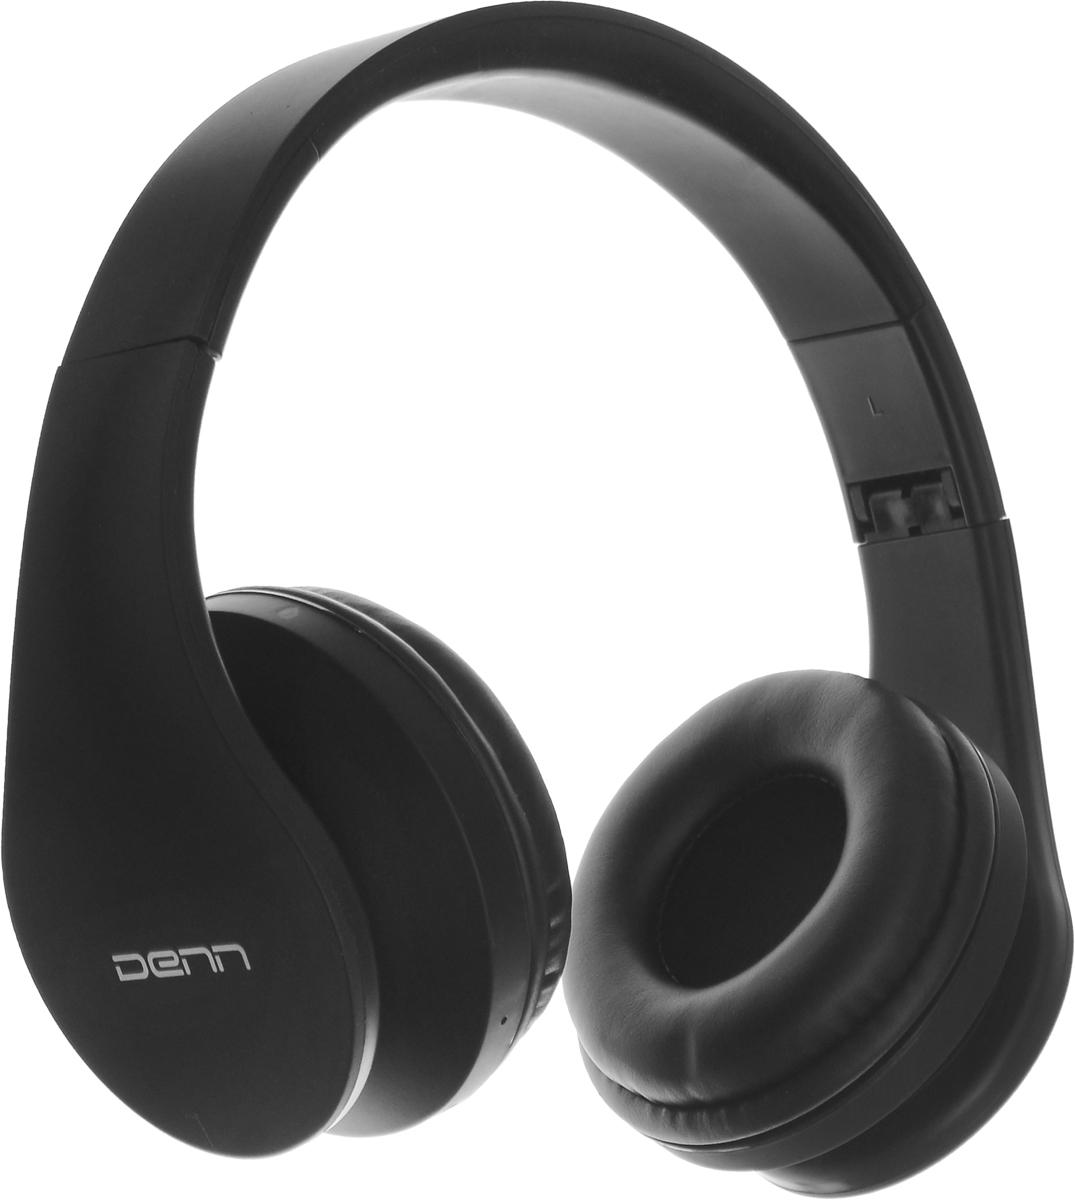 Denn DHB405, Black Bluetooth-гарнитураDHB405Denn DHB405 - полноразмерная Bluetooth-гарнитура с FM радио и МР3-плеером.Динамики наушников оснащены излучателями большого диаметра и мощными магнитами. Они могут воспроизводить без малейших помех звуки любой частоты.